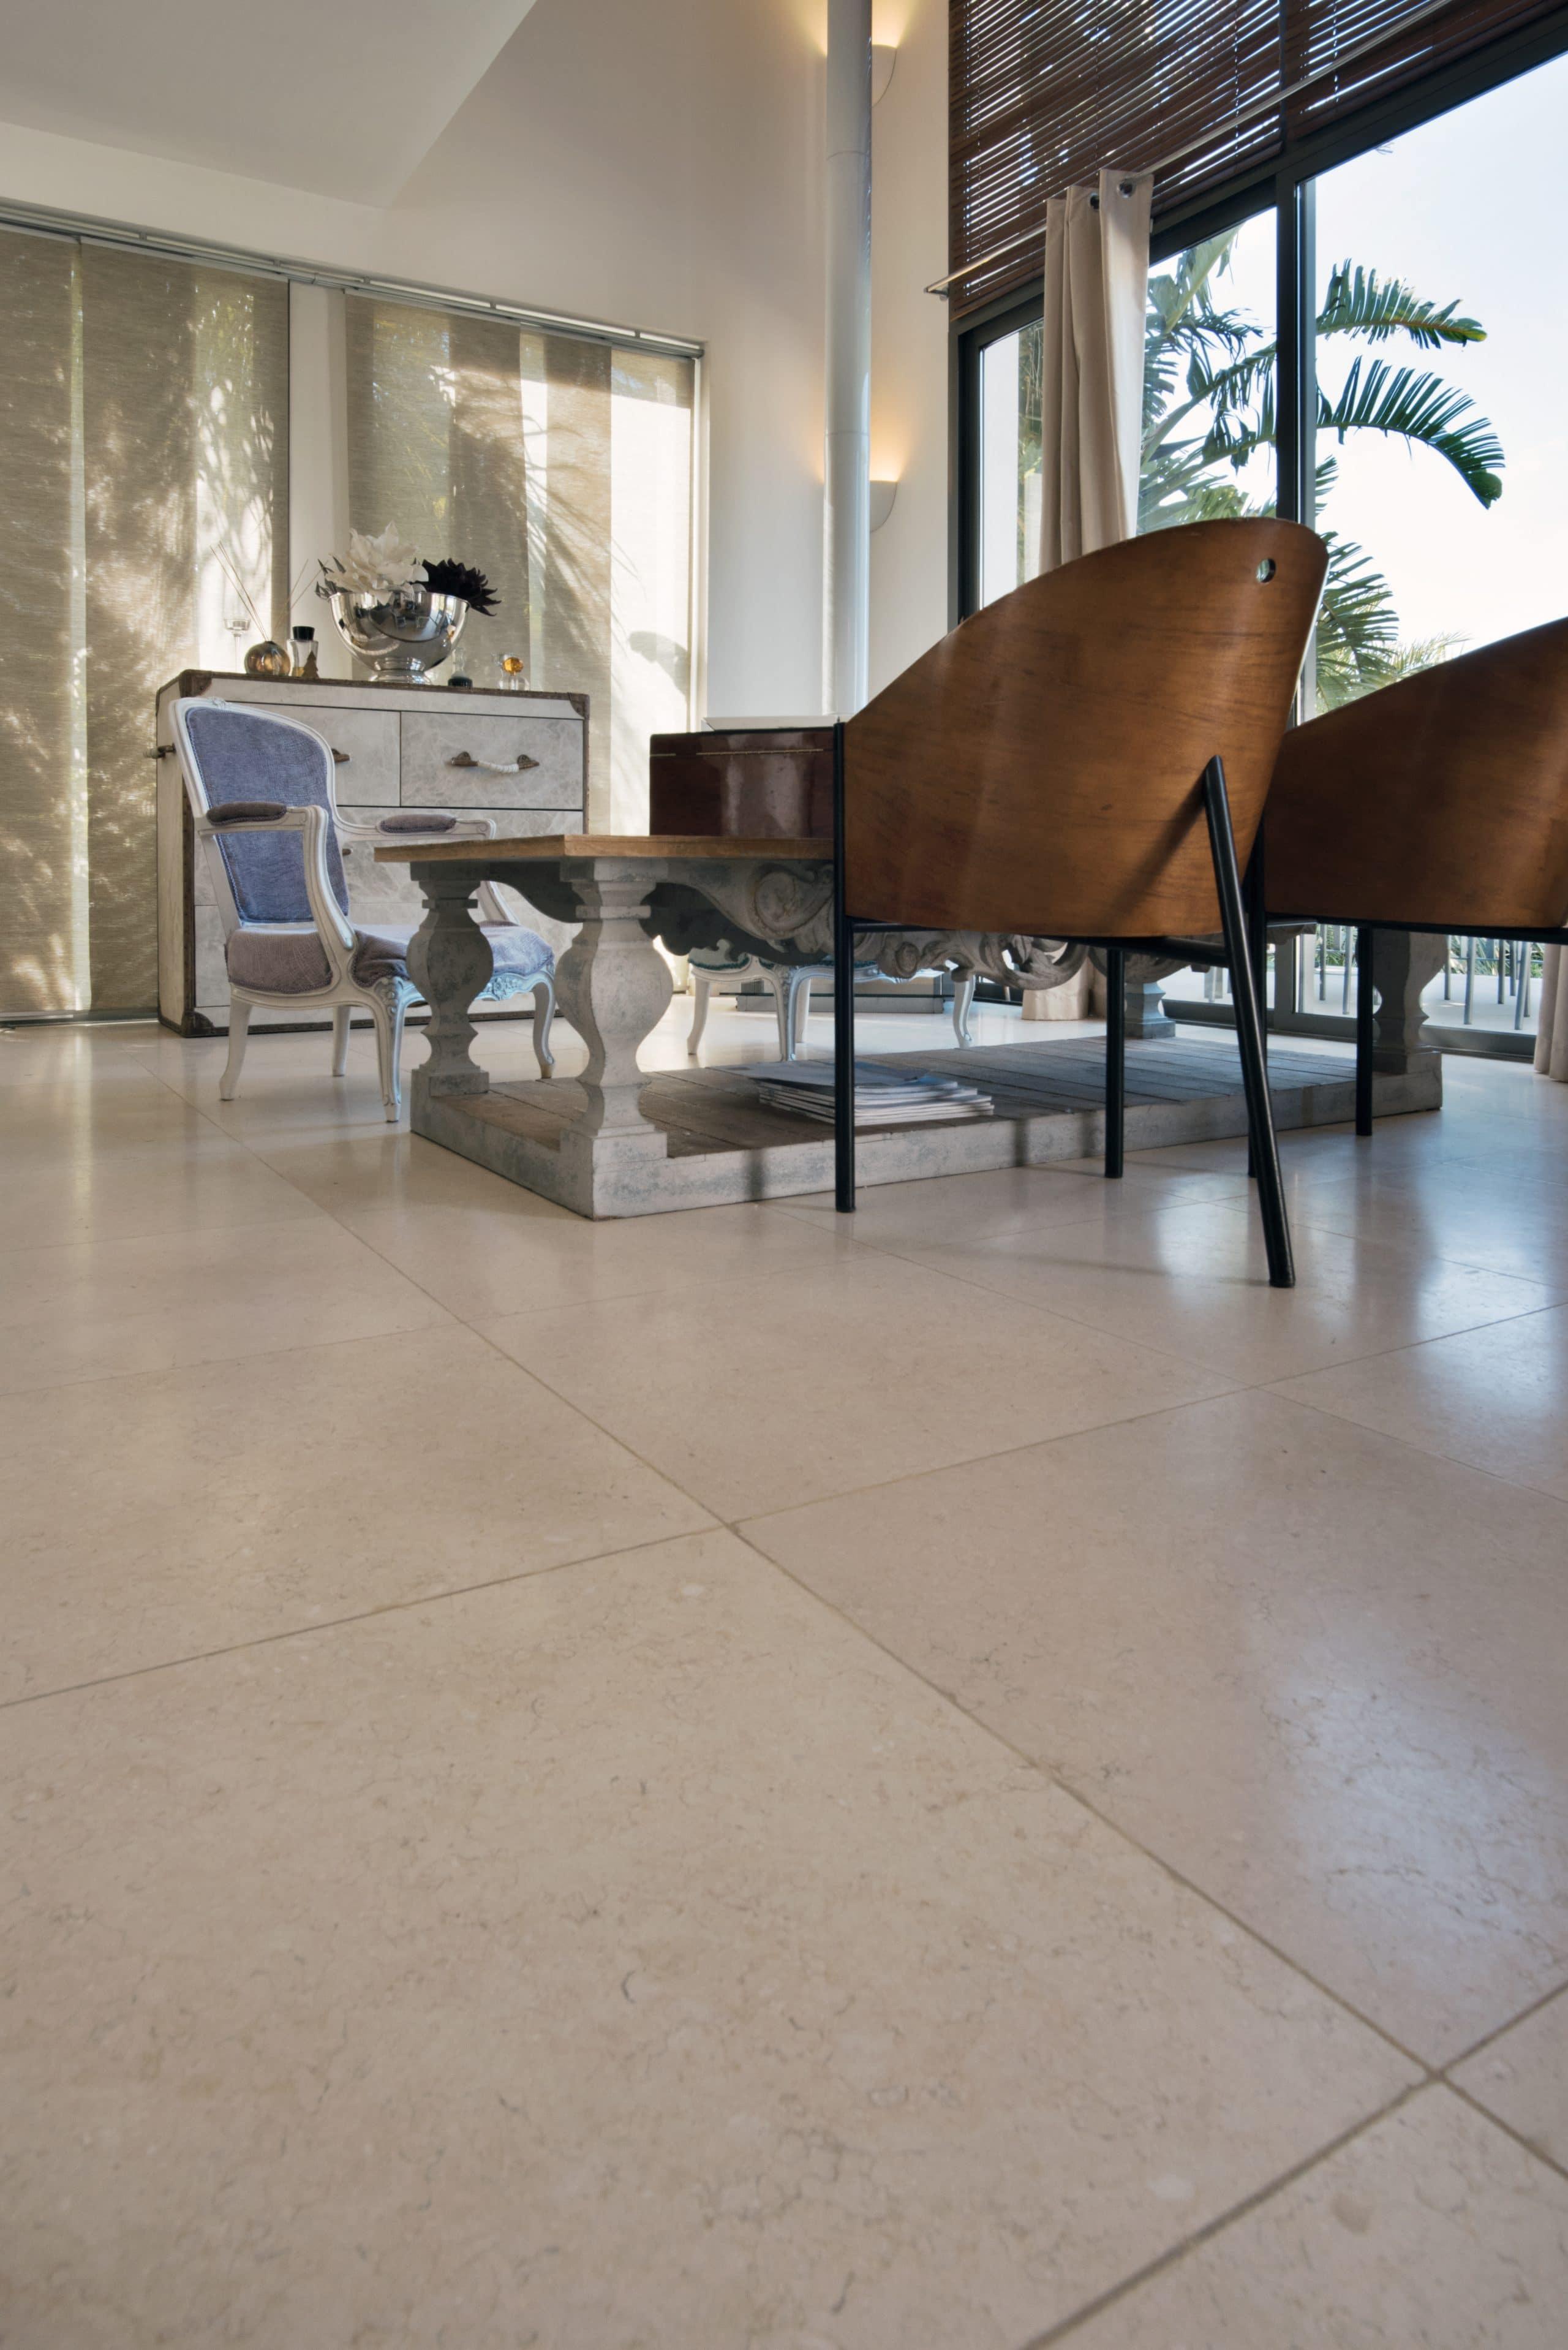 sol intérieur en pierre Créma Nova